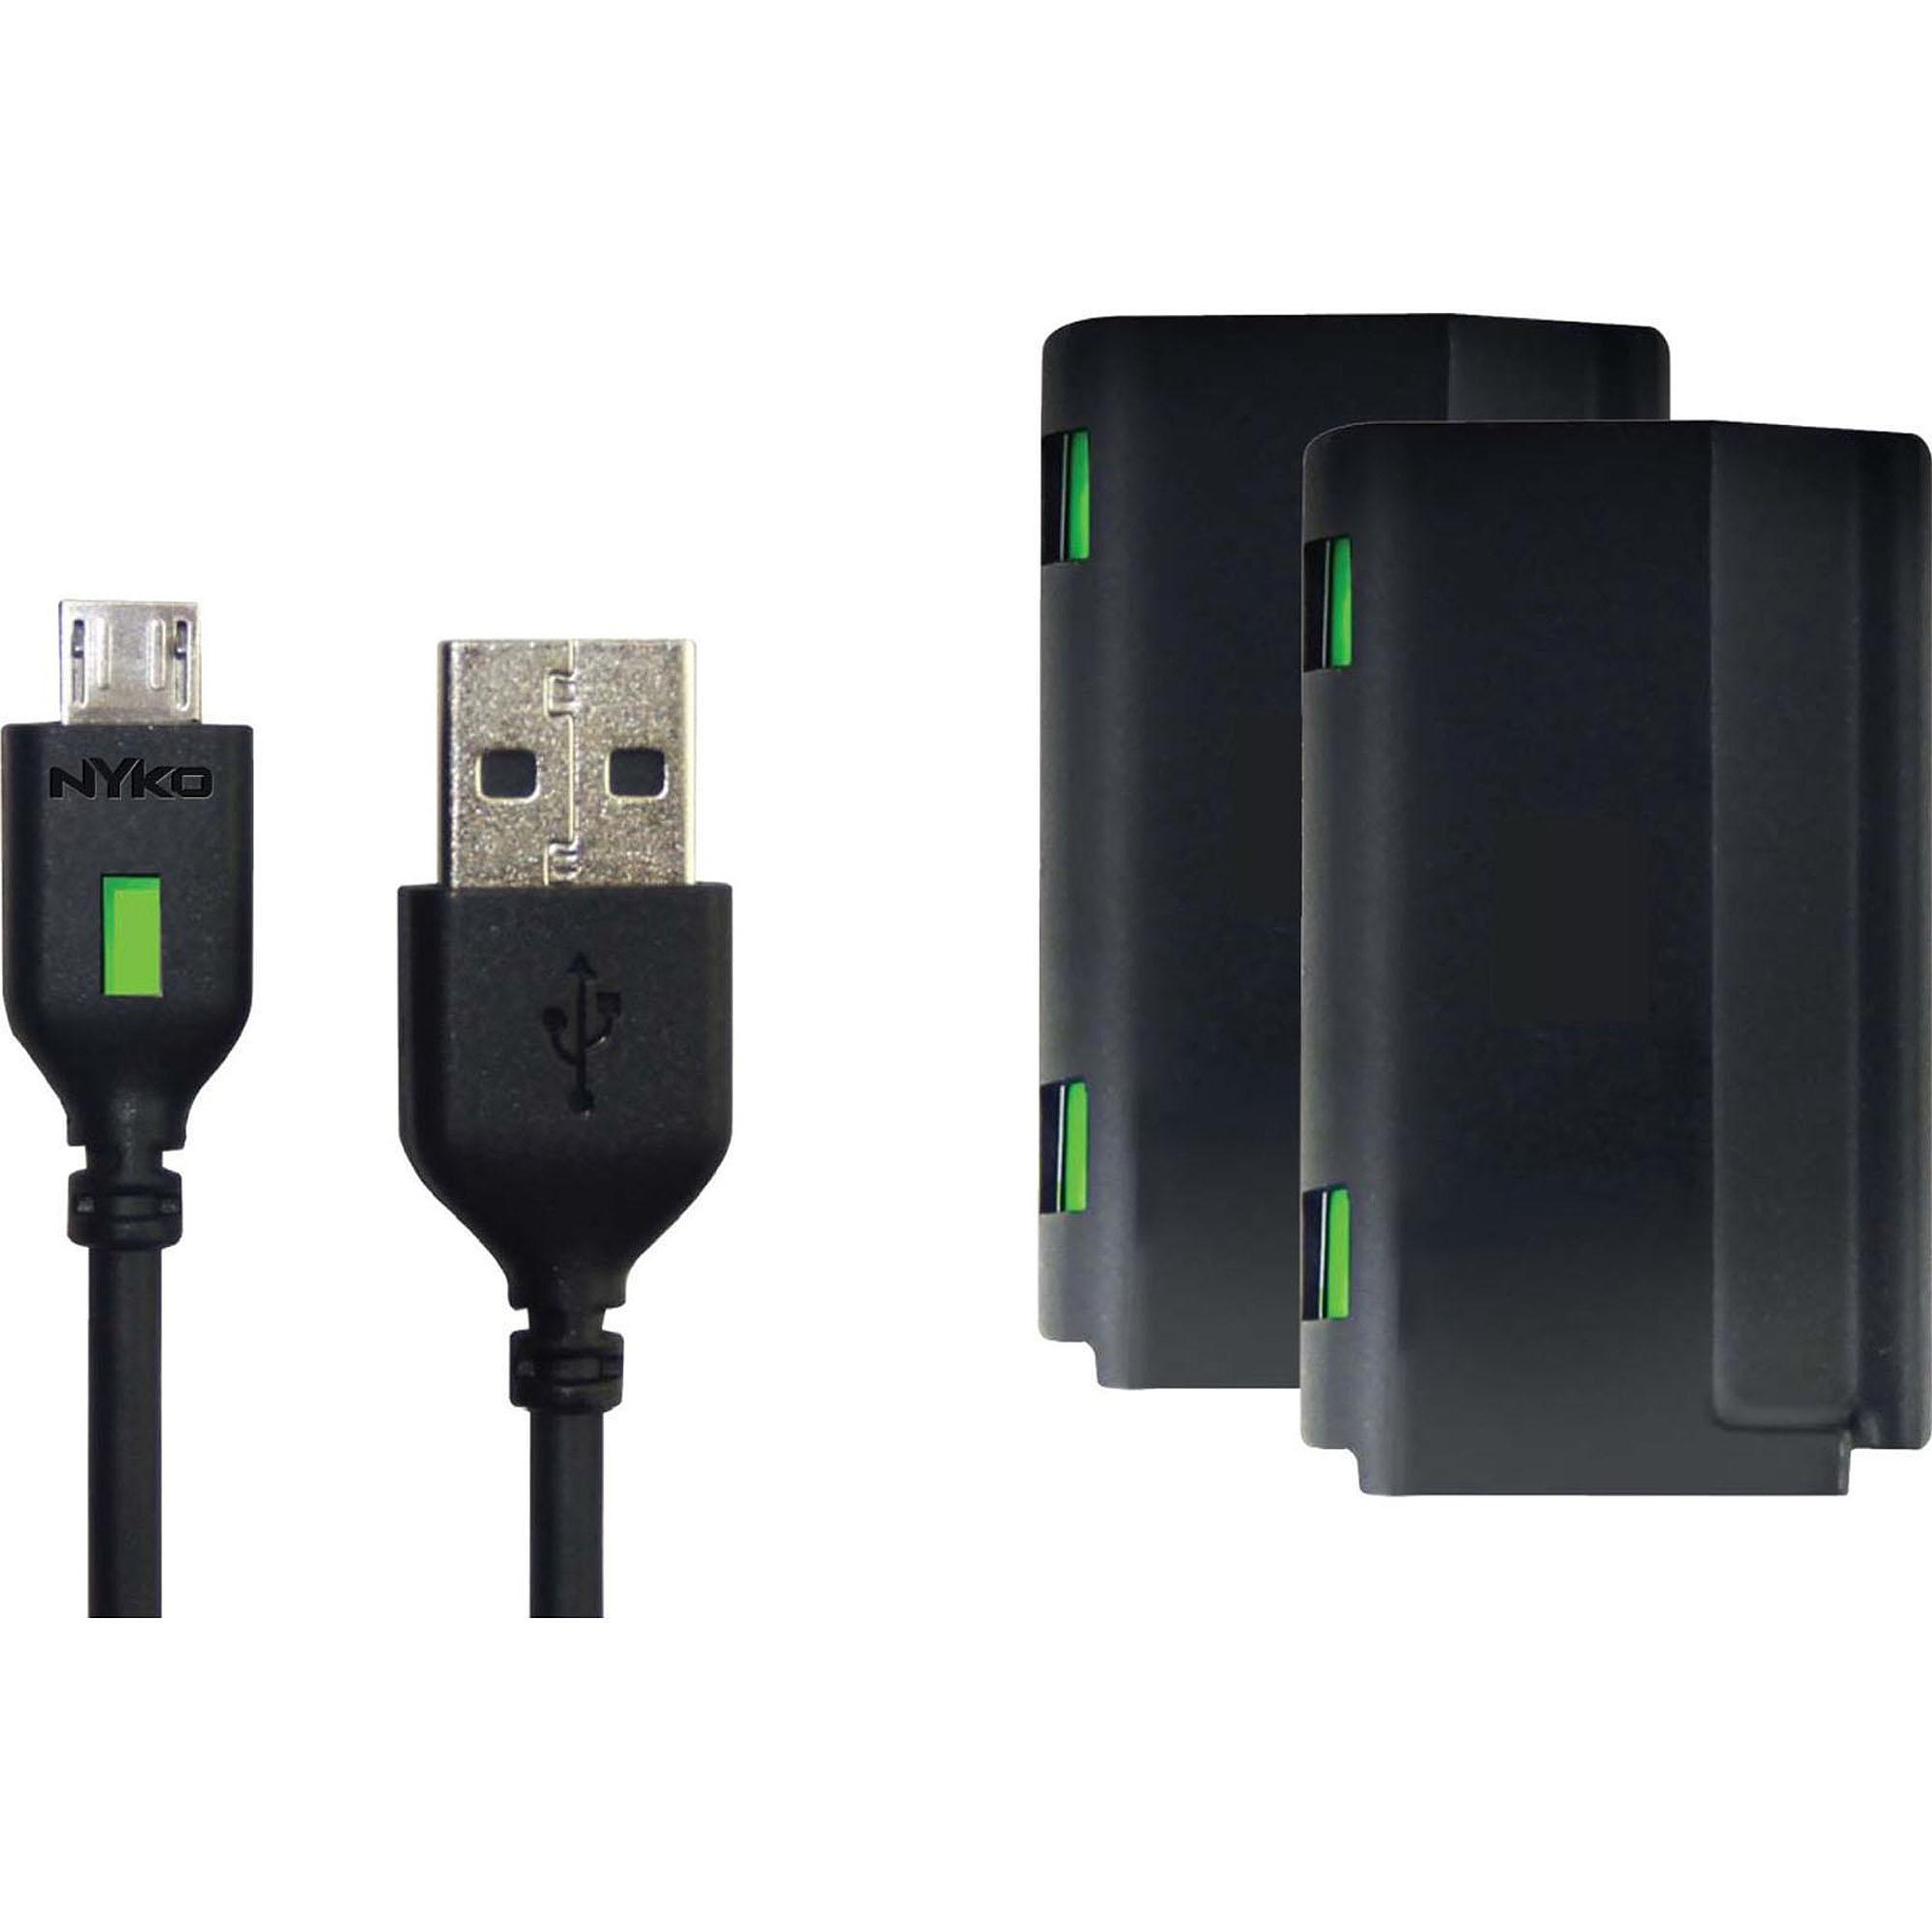 Nyko Xbox One Power Kit Plus (Xbox One)